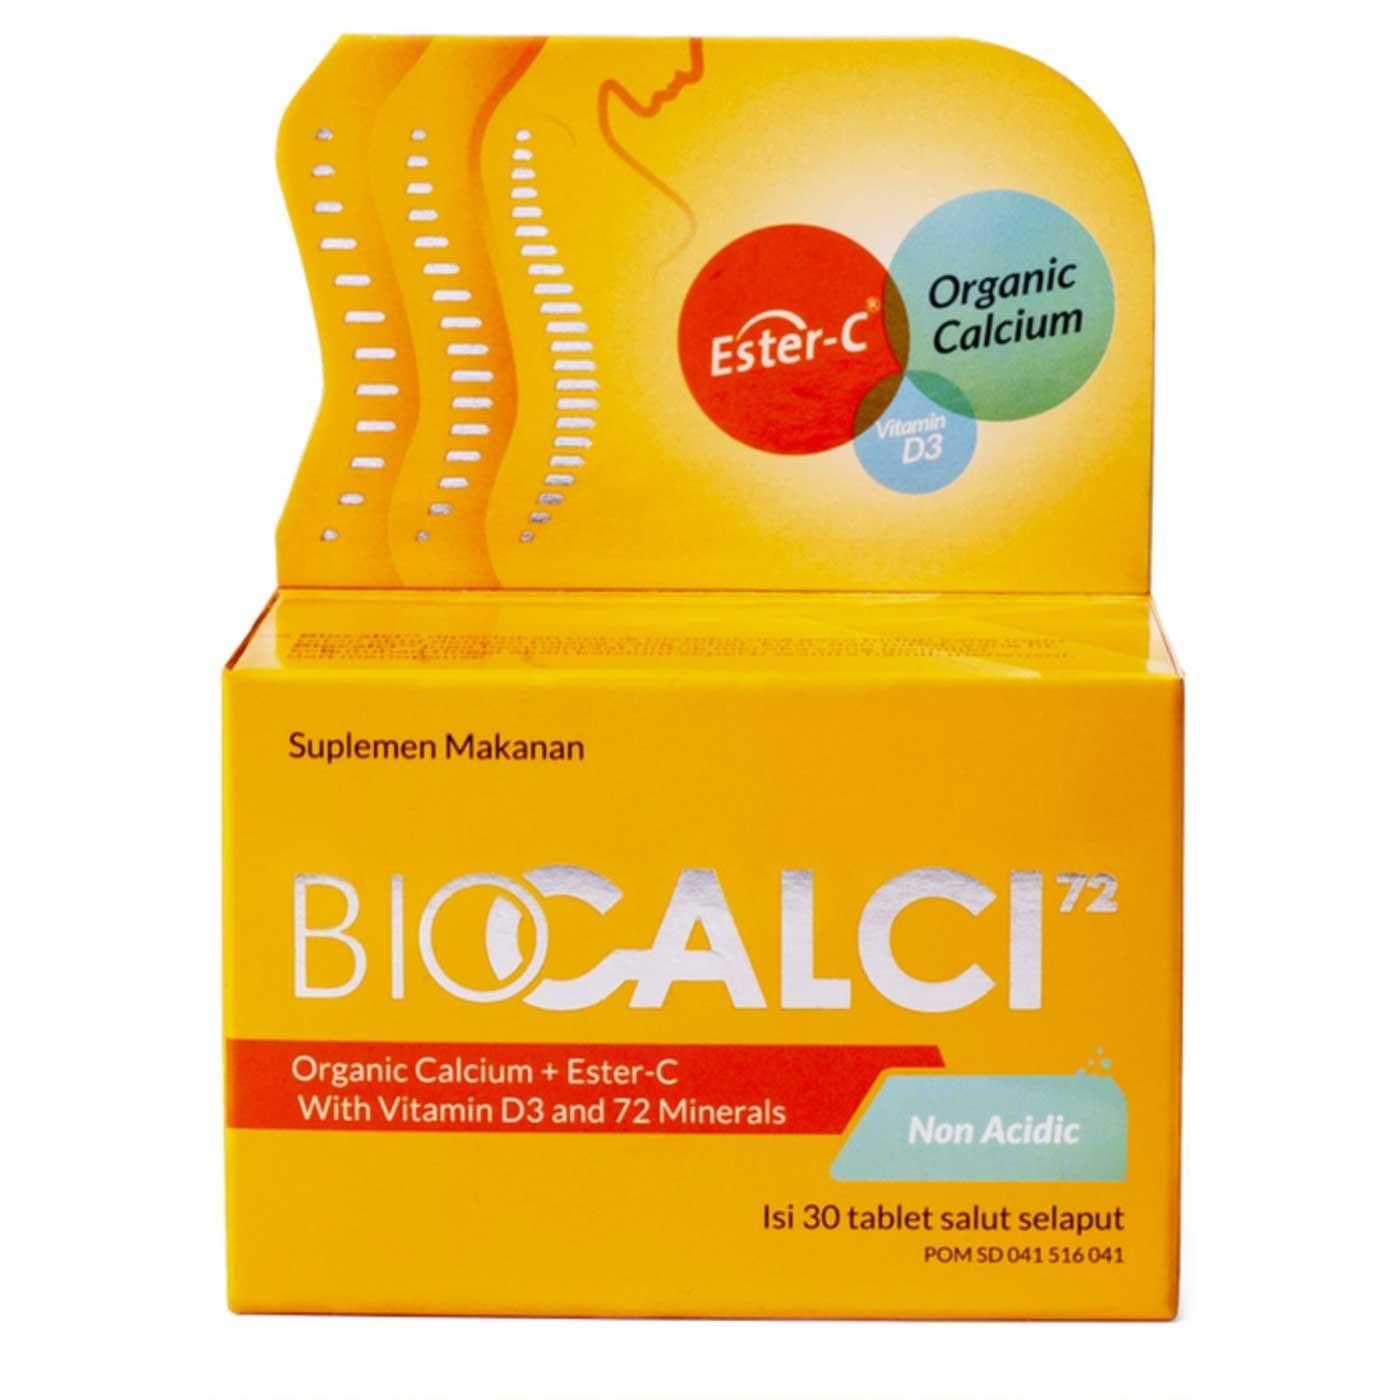 BIOCALCI 72 Organic Calcium Plus Ester C Isi 30